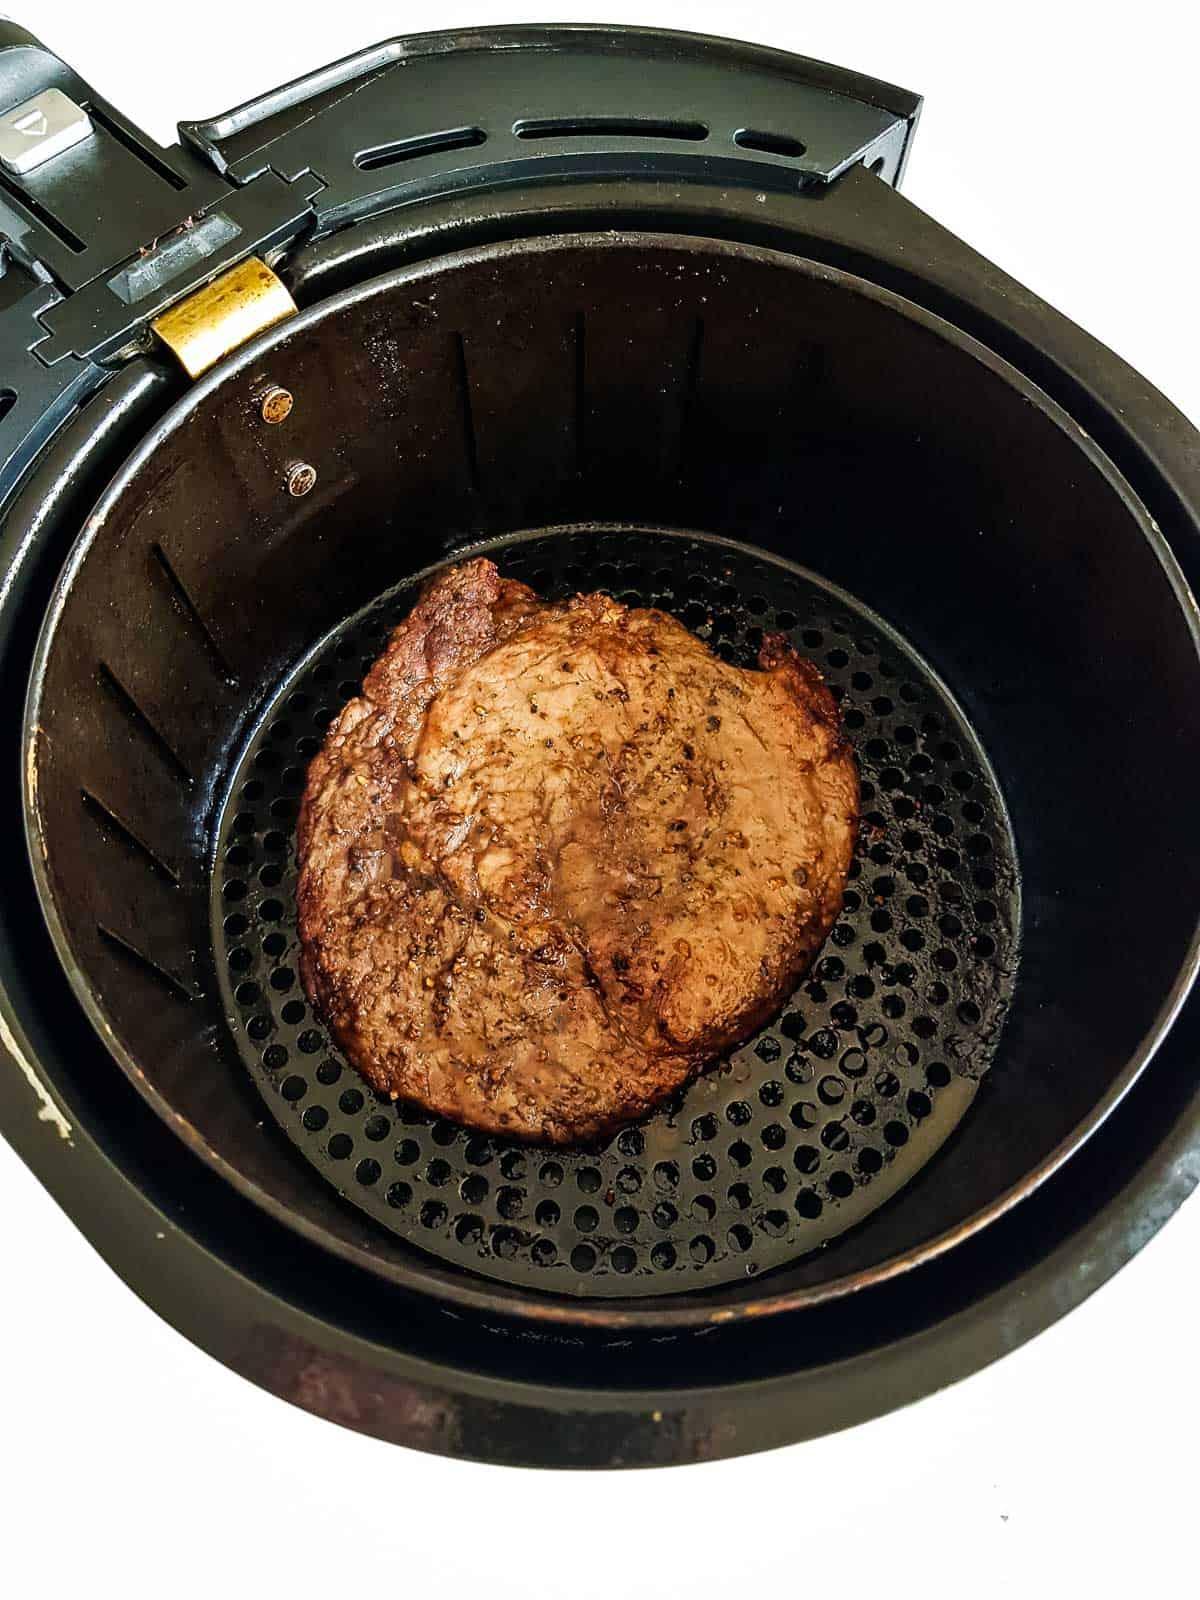 Steak in an air fryer.